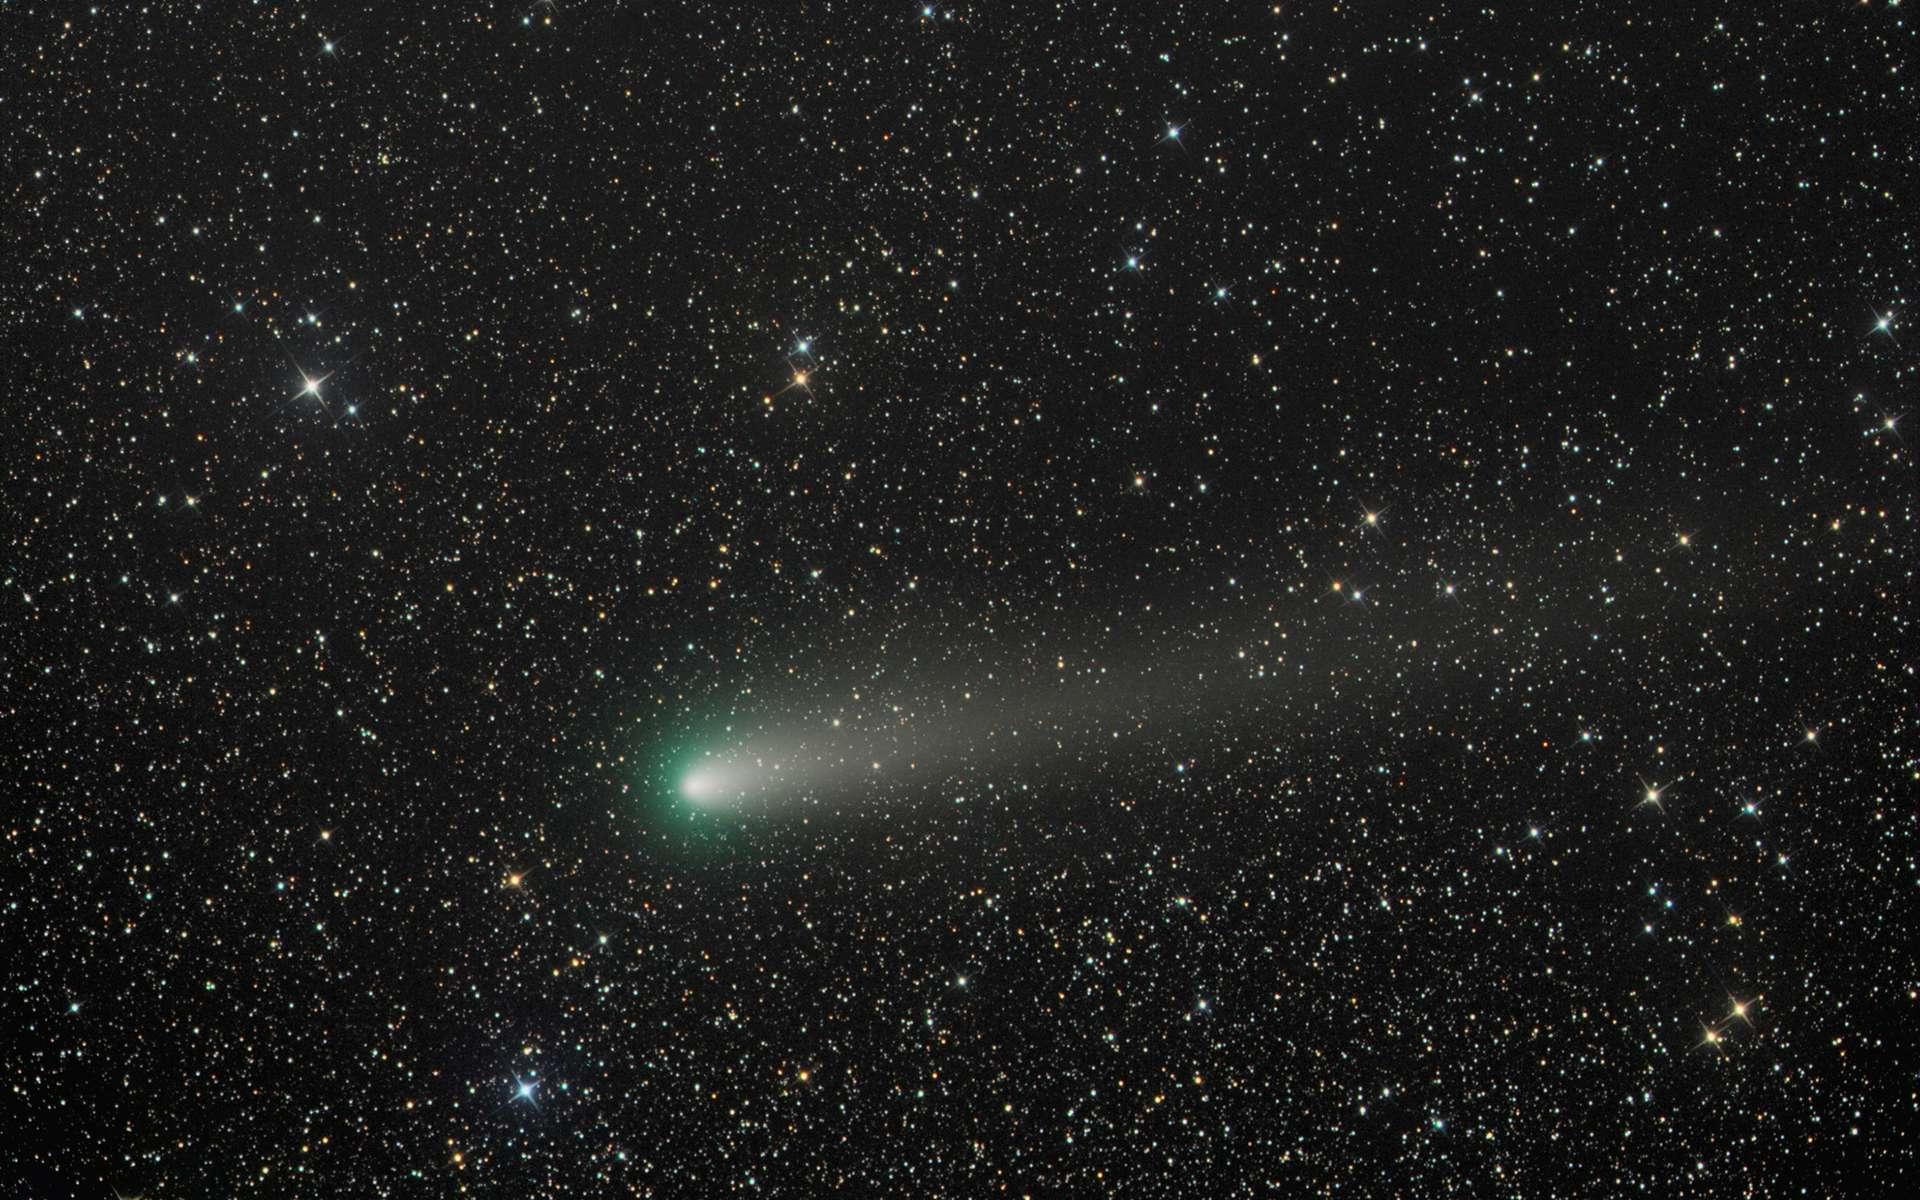 La comète 21P/Giacobini-Zinner observée en septembre 2018 alors située à 151 millions de kilomètres du Soleil et juste à 58,6 millions de kilomètres de la Terre. © Greg Ruppel